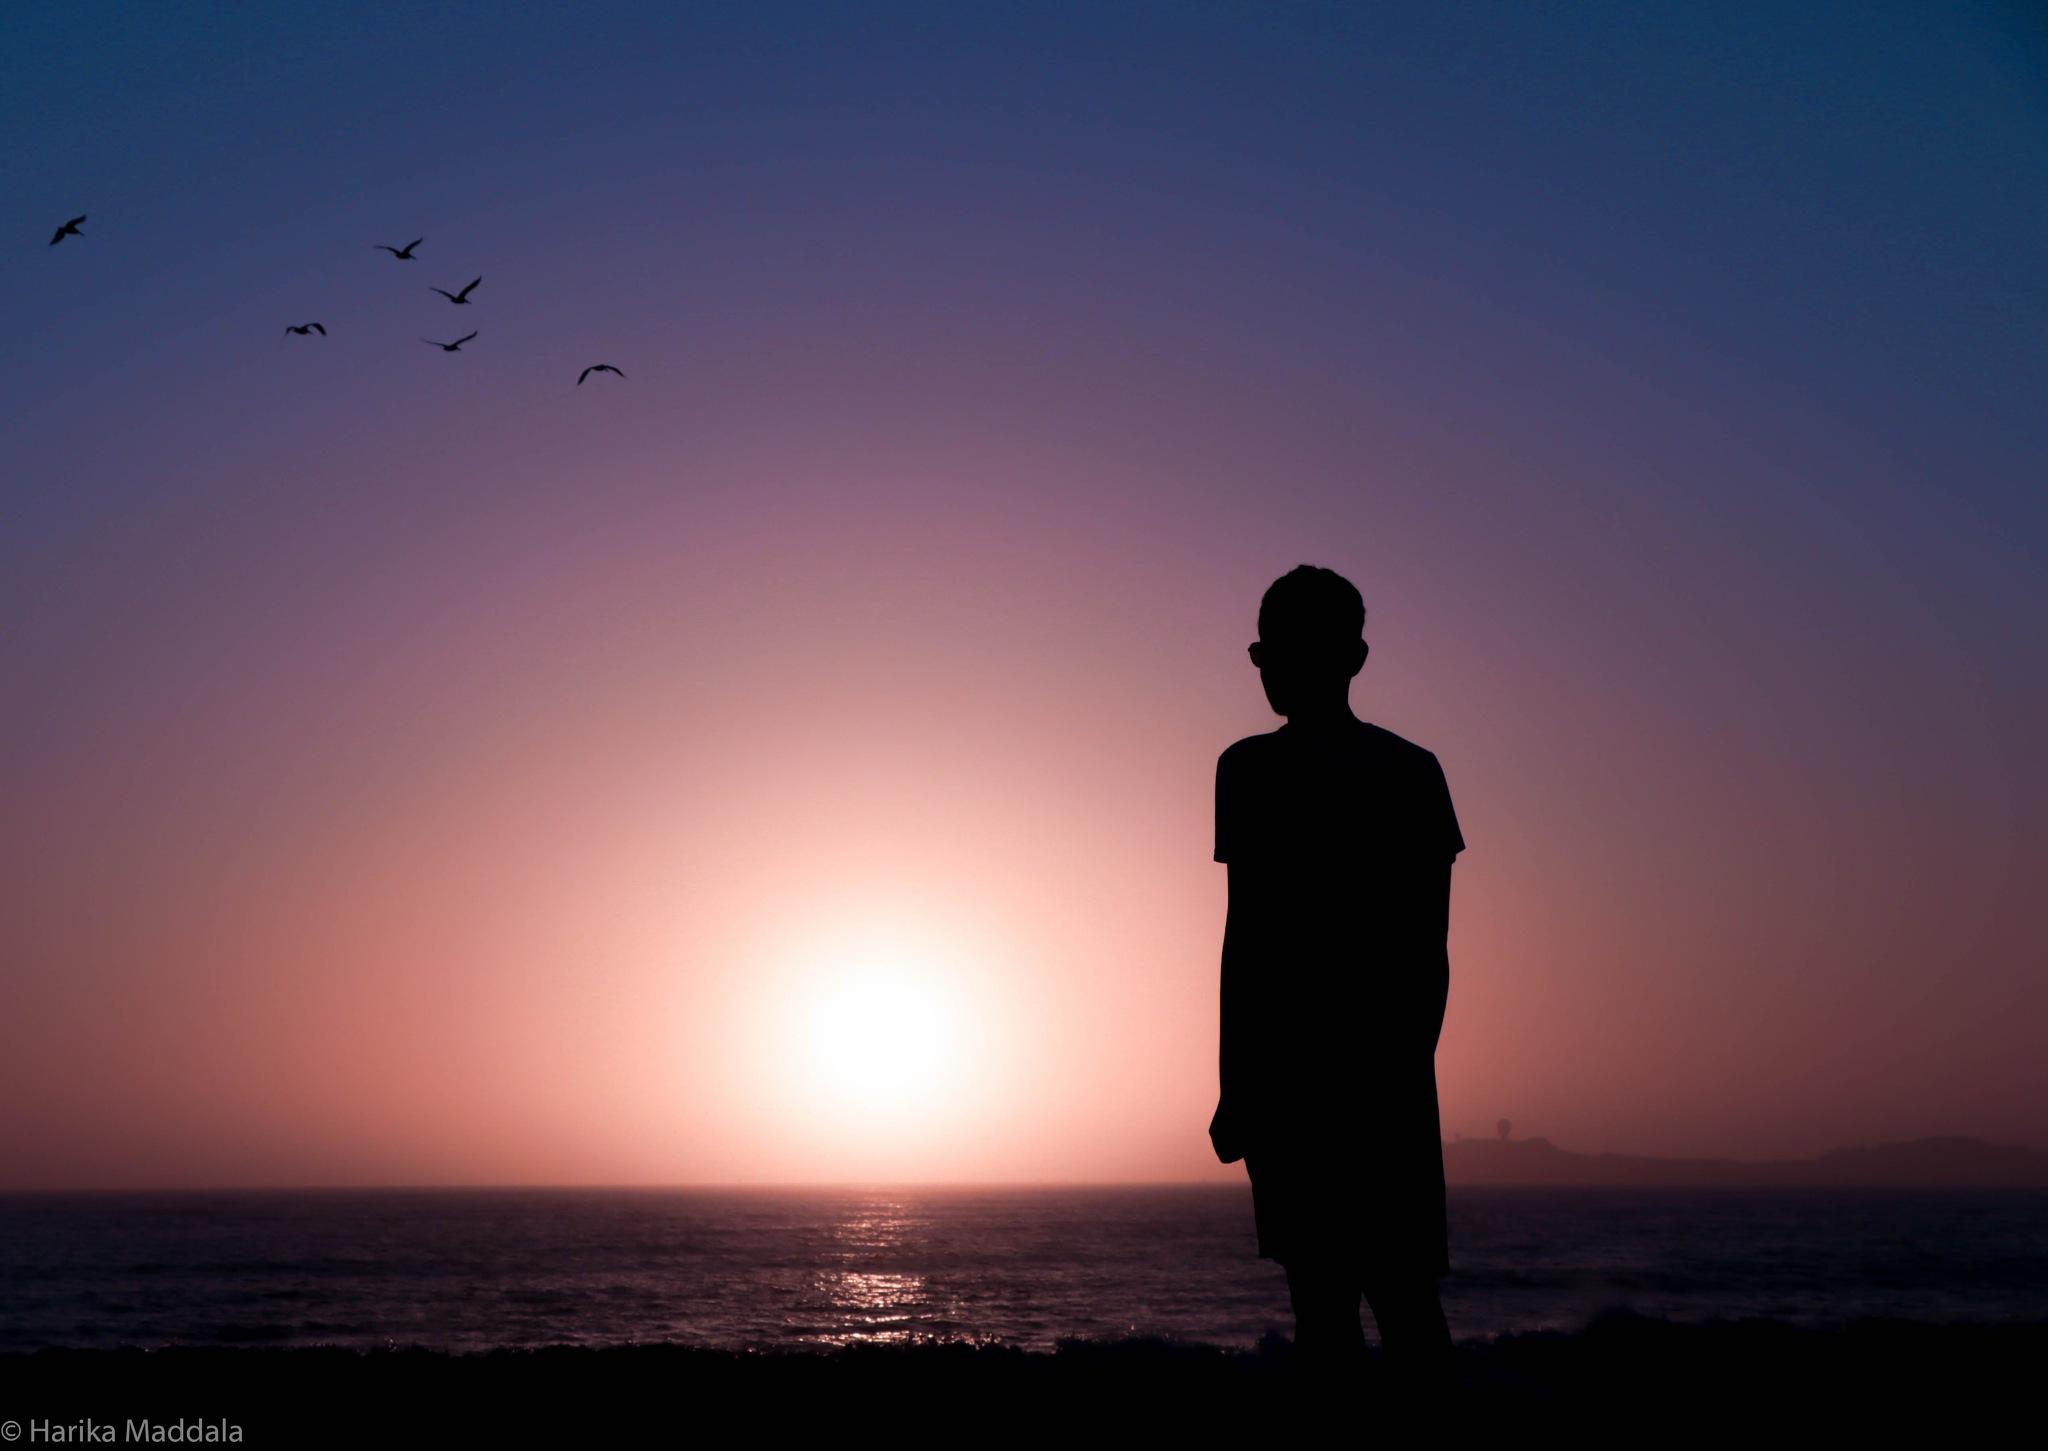 Sunset by Harika Maddala